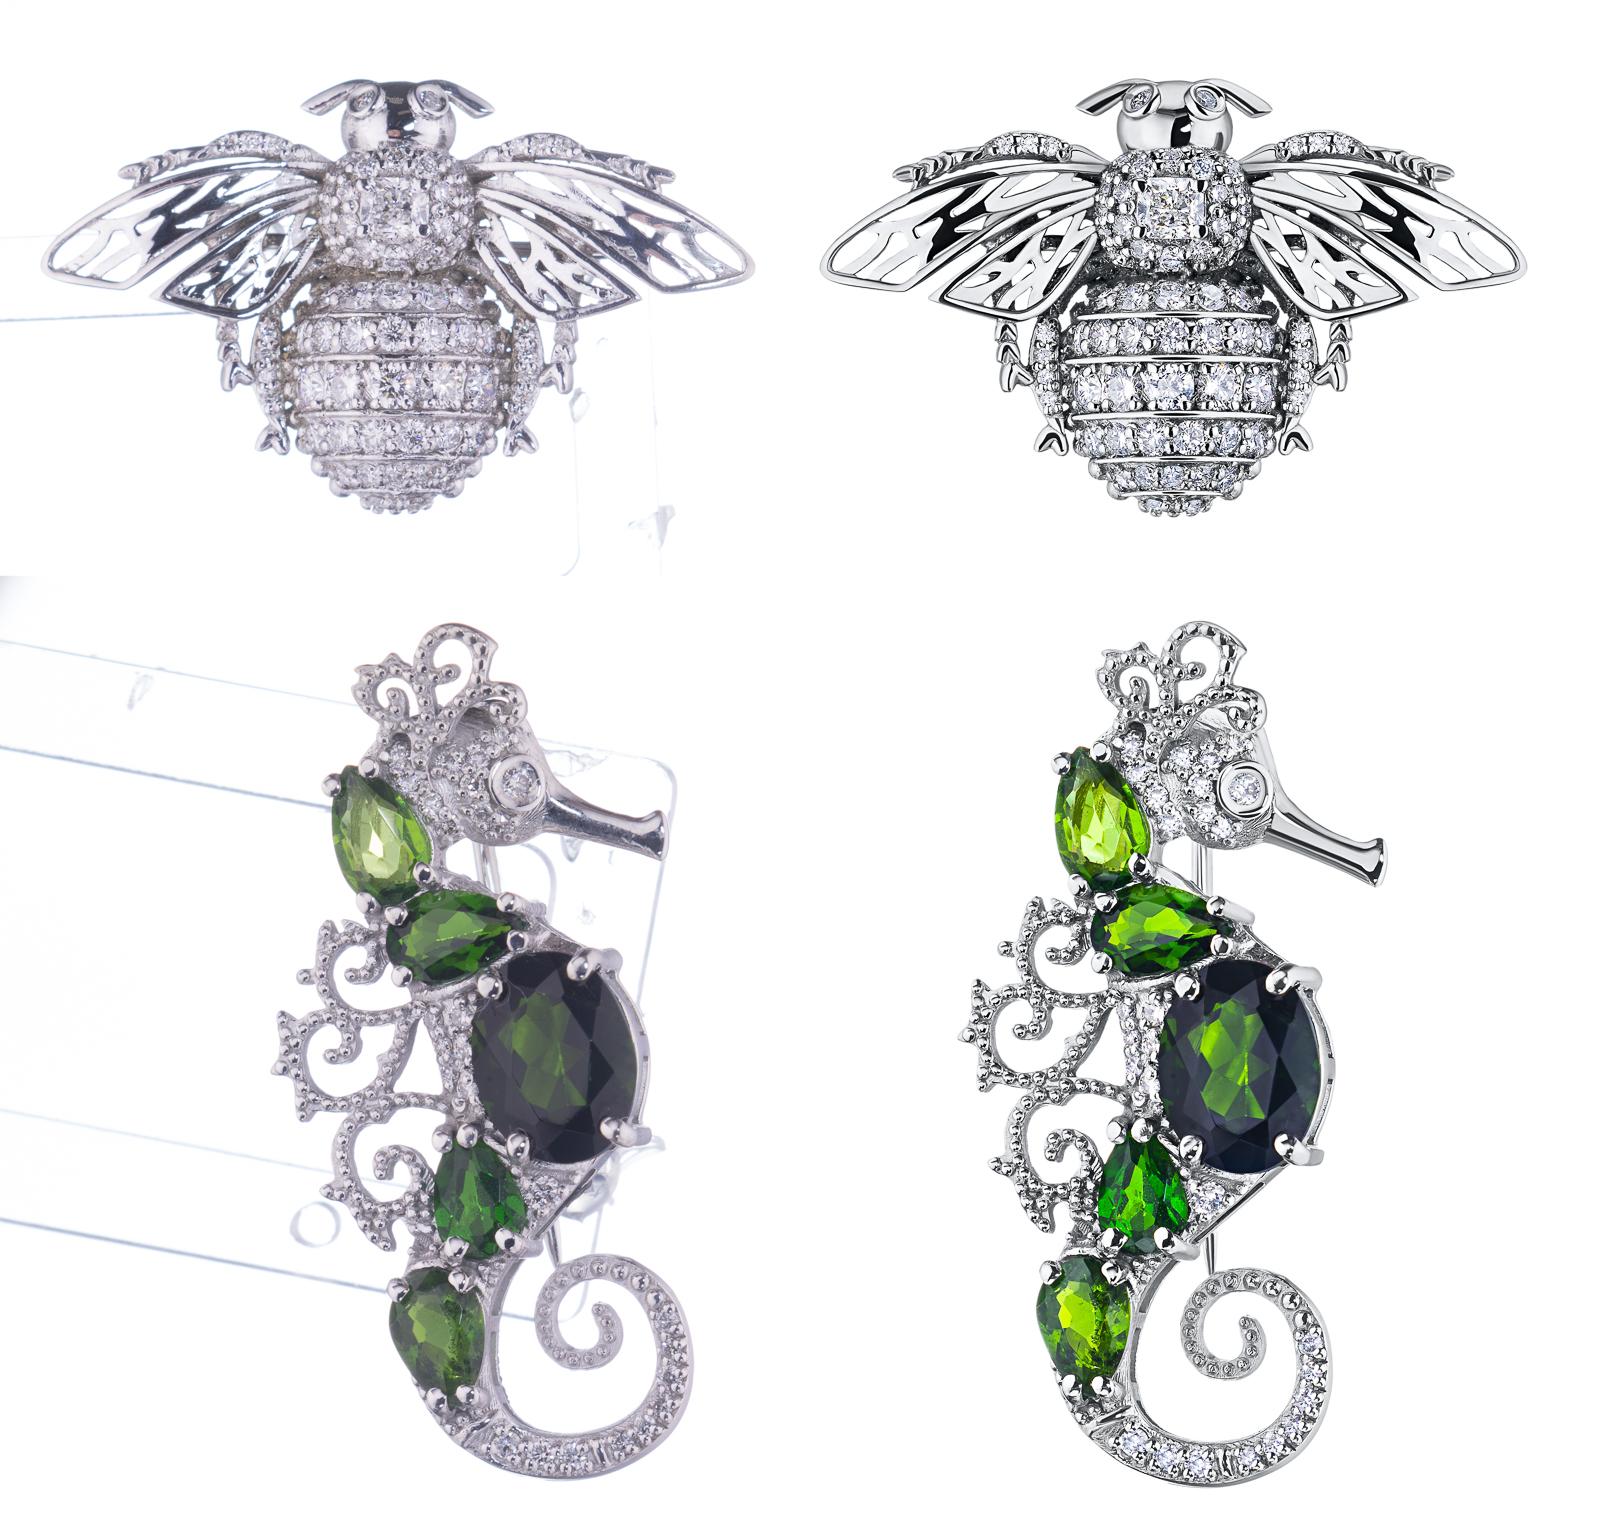 Обработка ювелирных украшений, серьги, броши